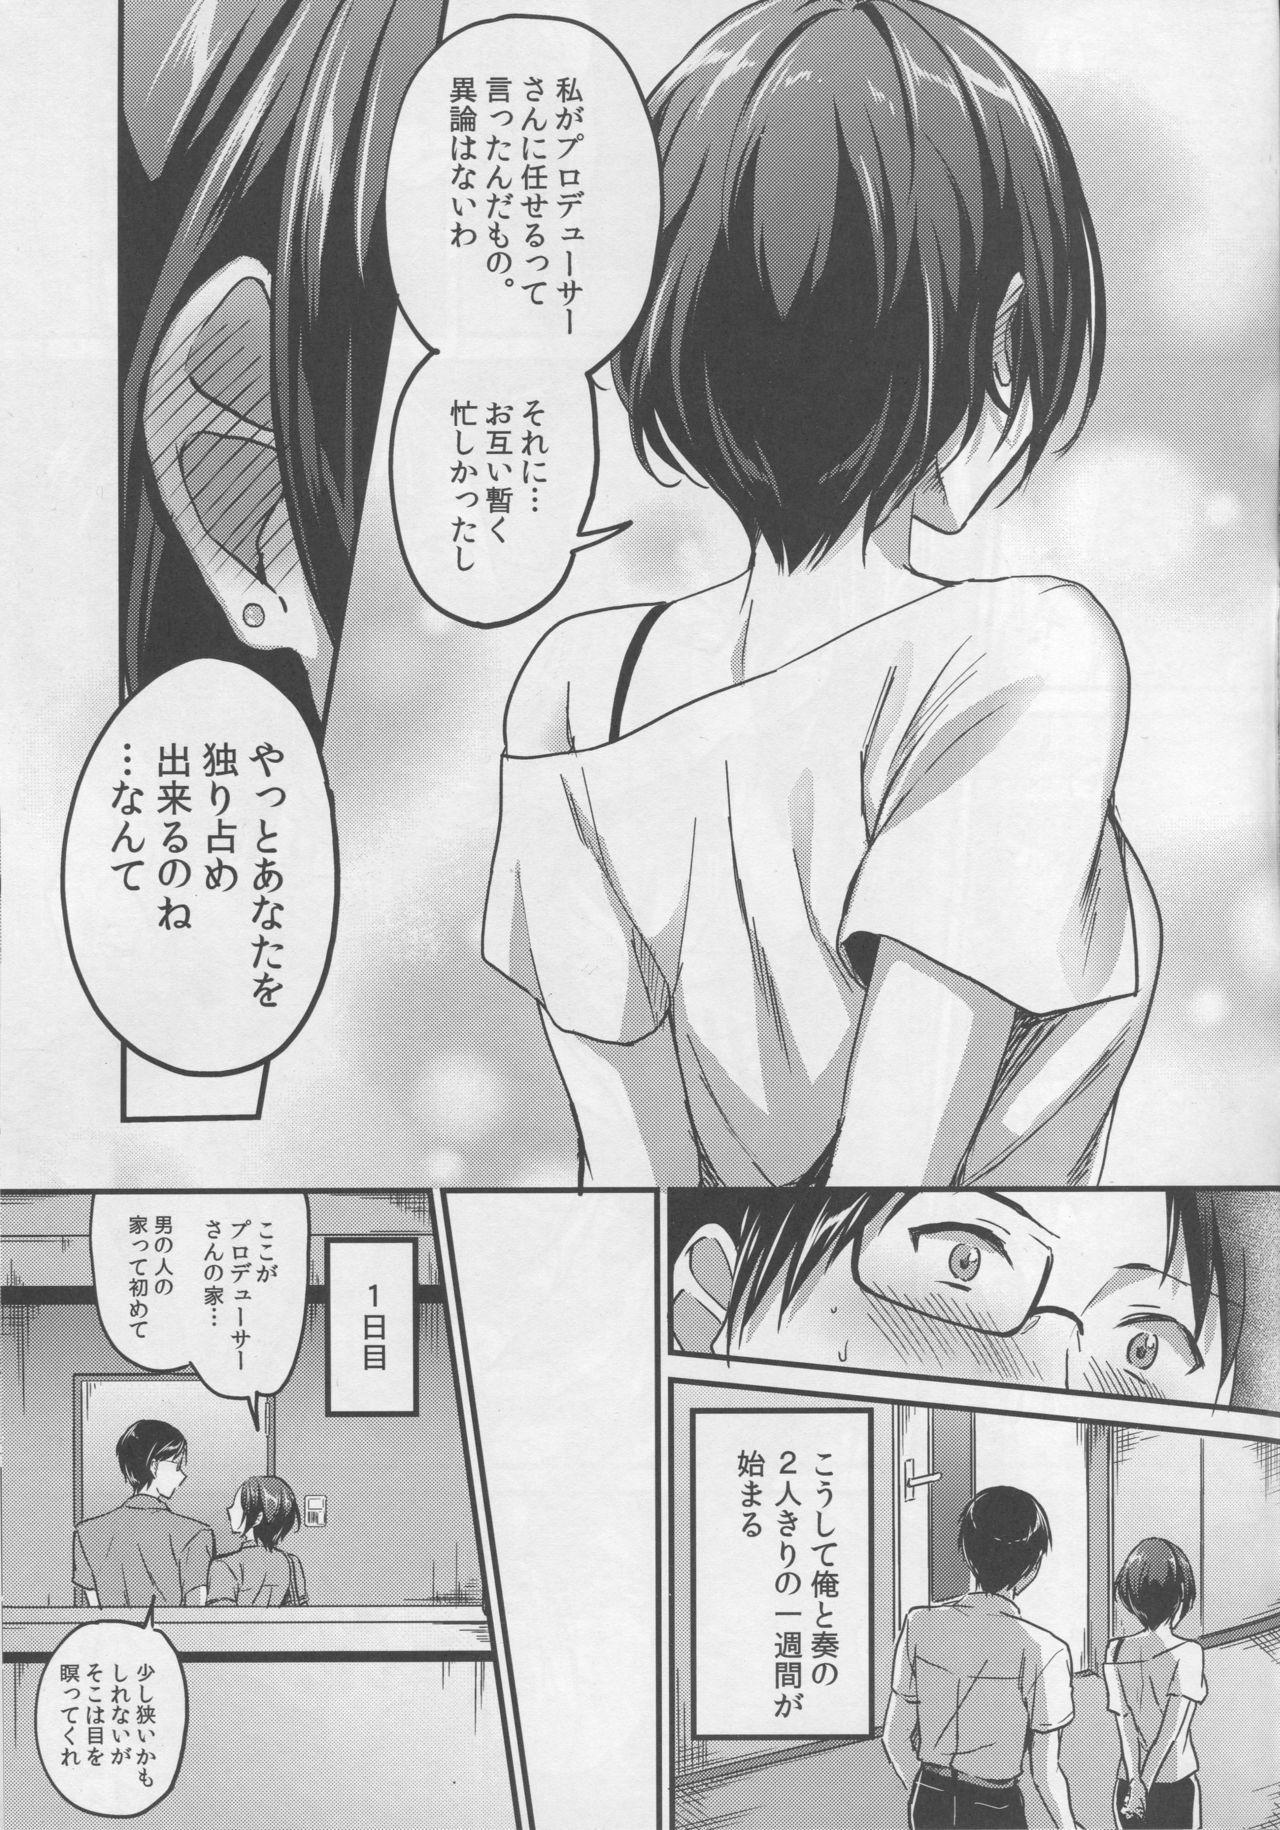 Hayami Kanade to Icha Love 7 Days 3